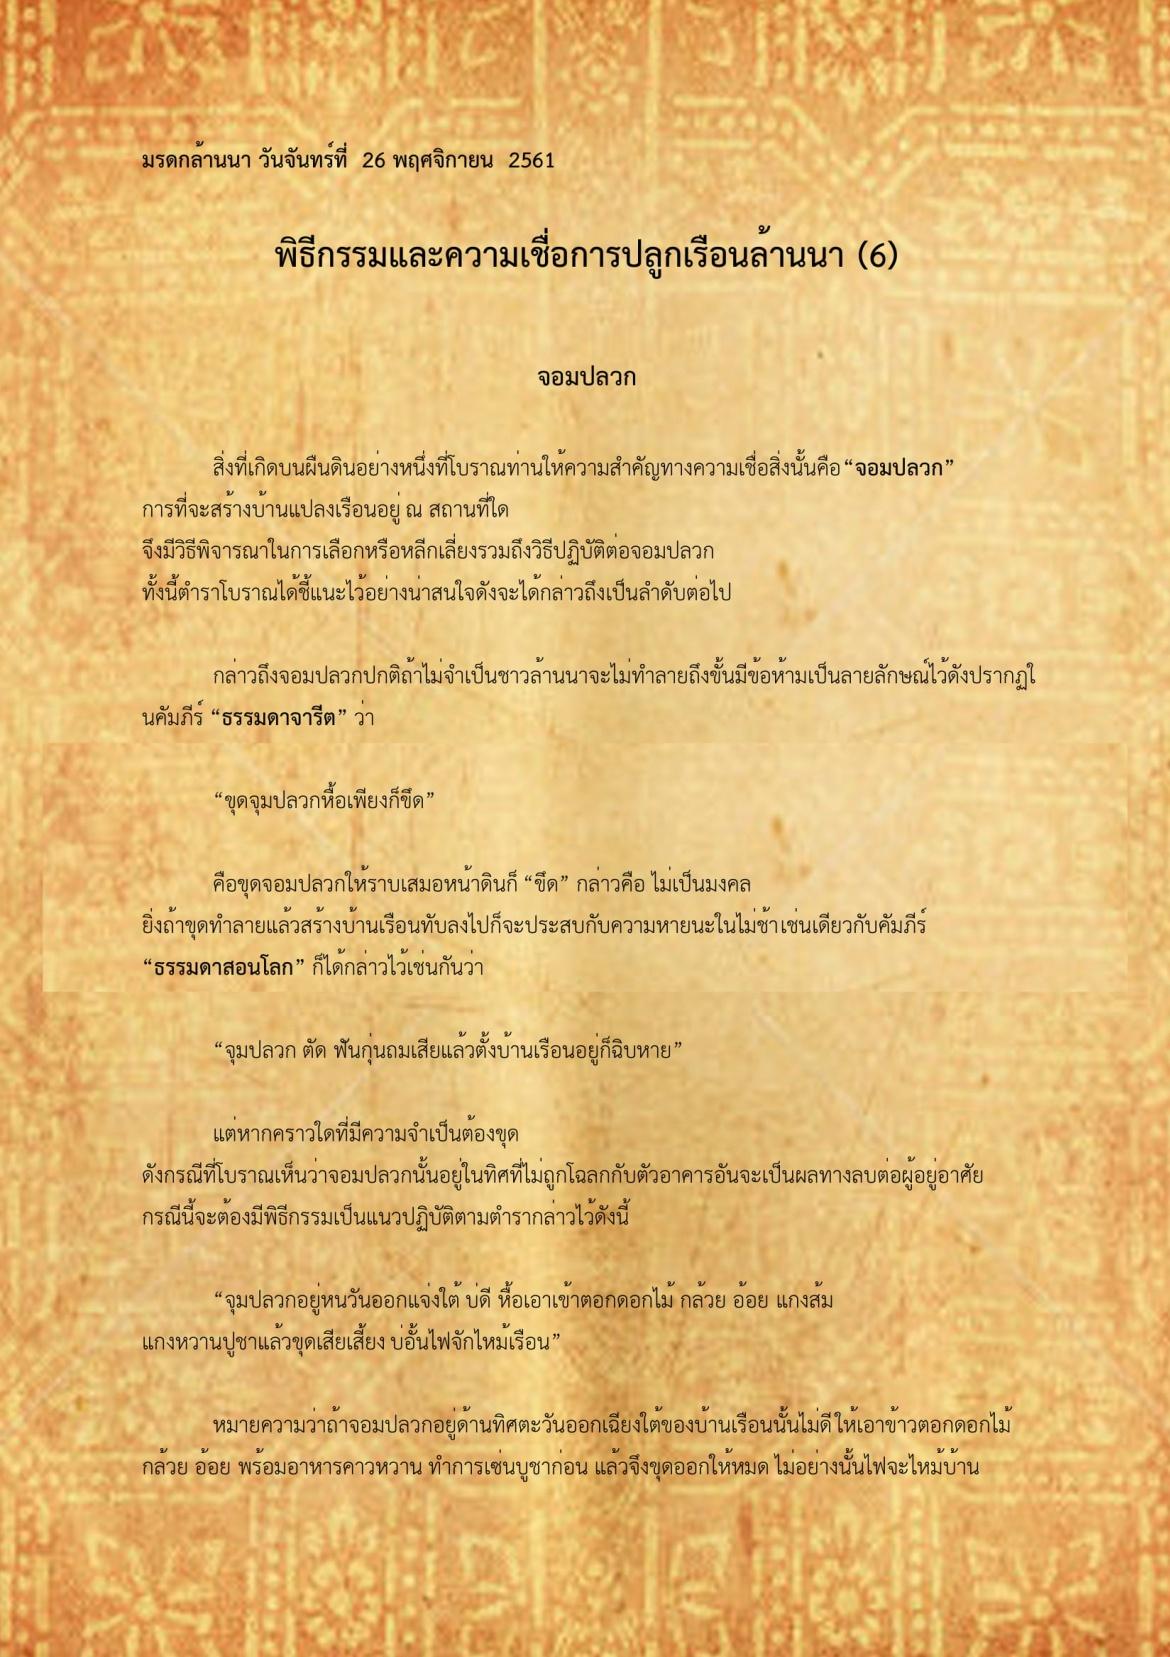 พิธีกรรมและความเชื่อการปลุกเรือนล้านนา(6) - 26 พฤศจิกายน 2561